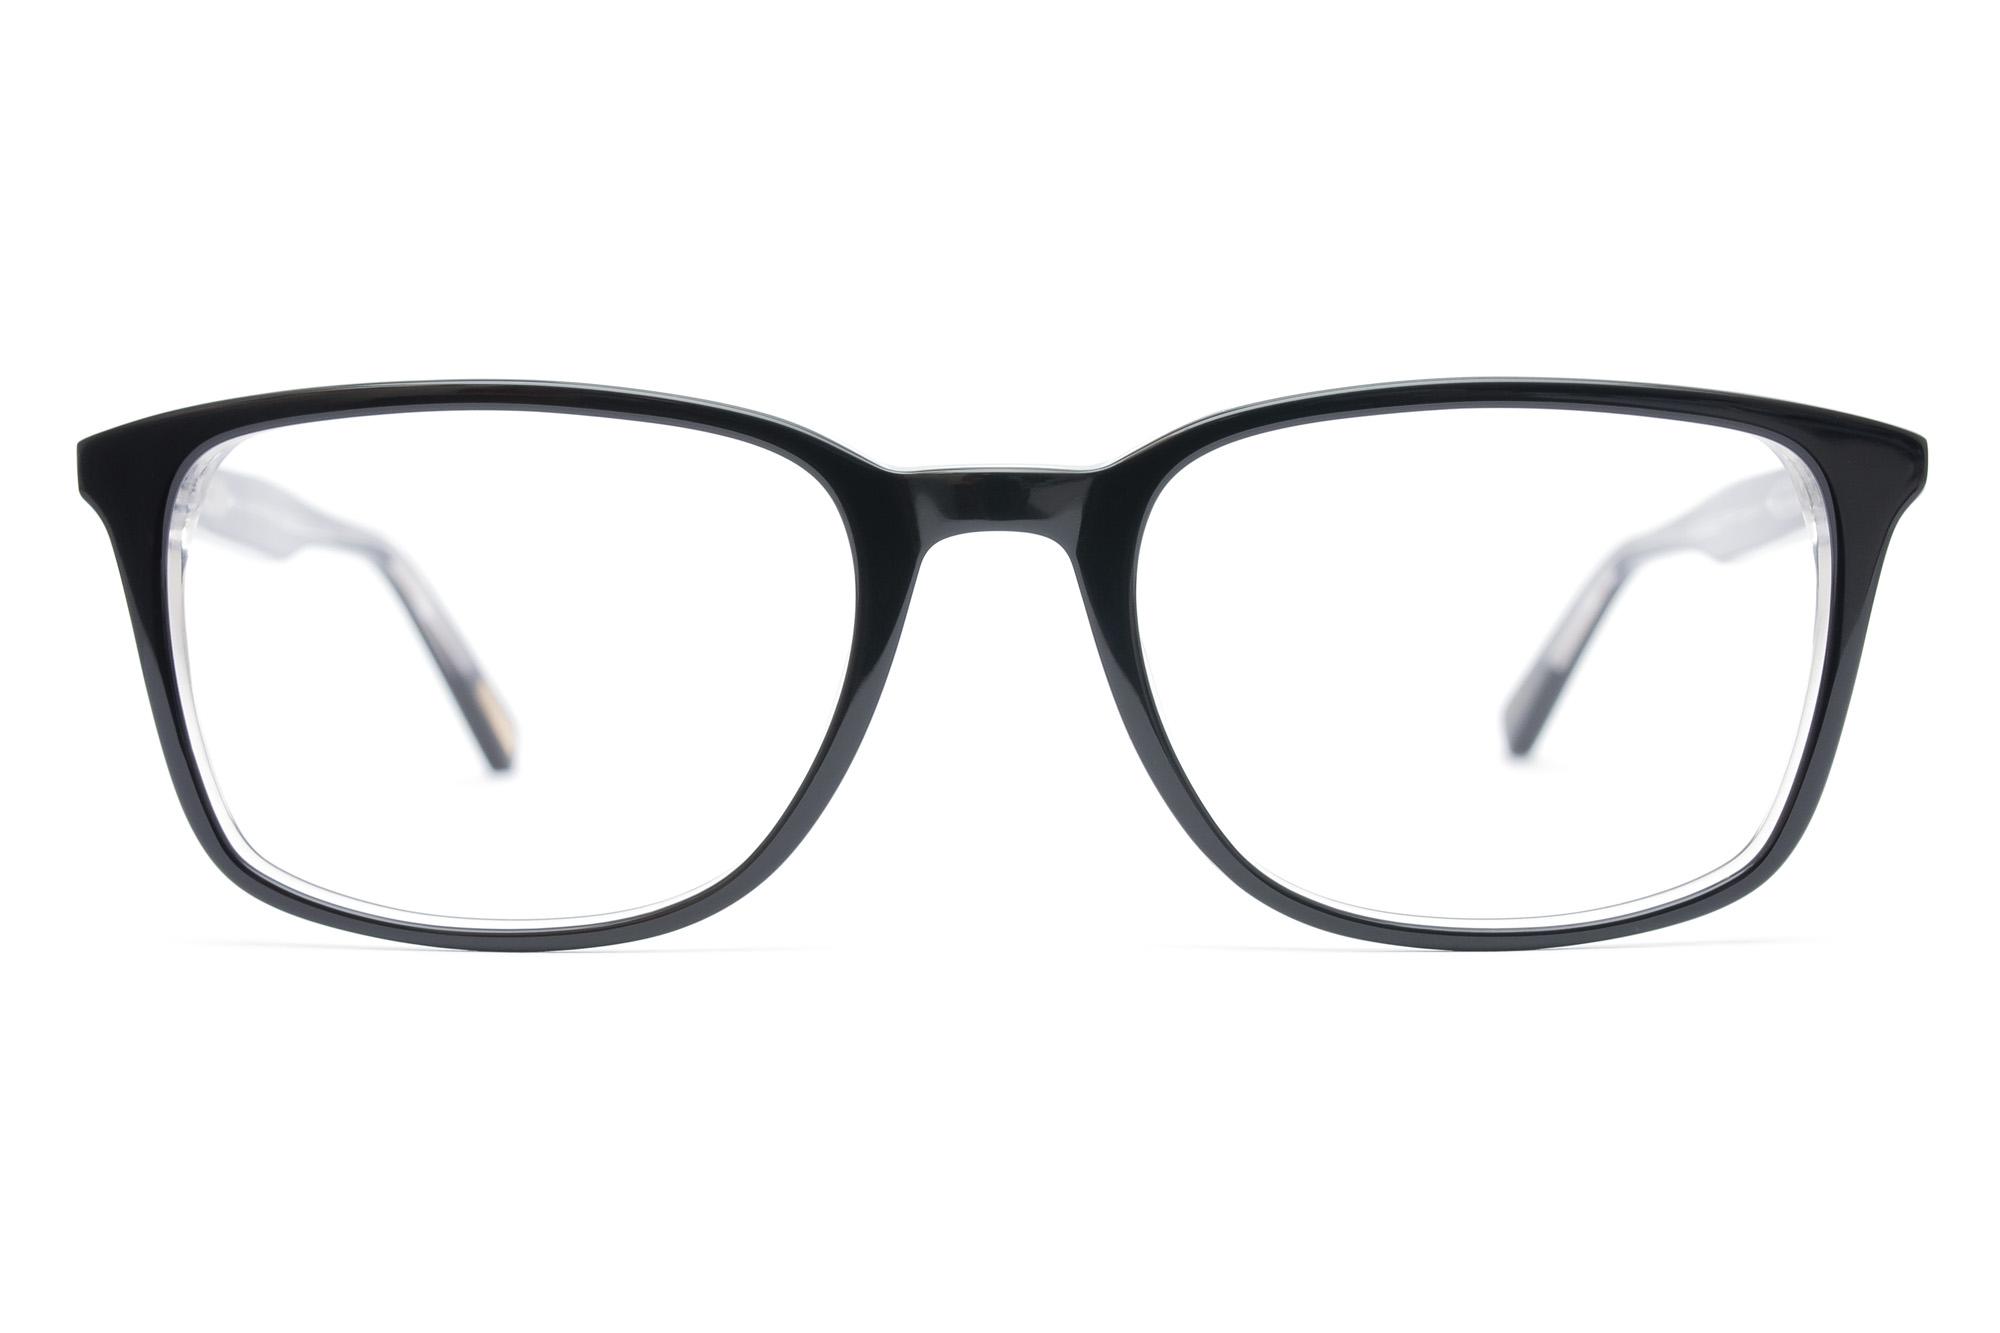 Γυαλιά οράσεως Bluesky Paro Night Πειραιάς